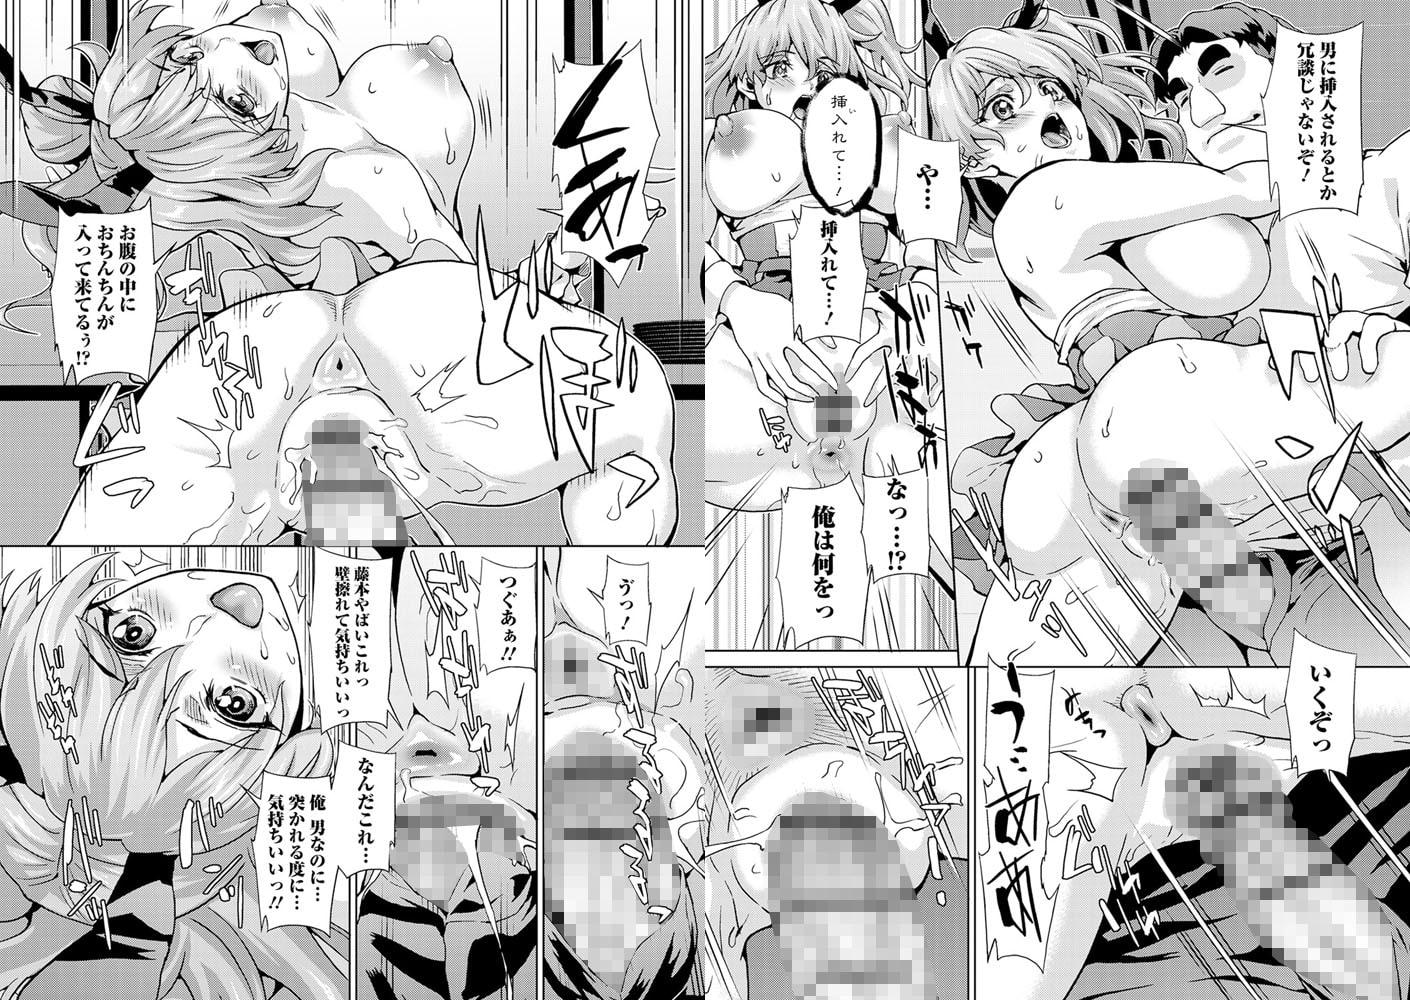 【皮モノ学園女装喫茶 武蔵ダイチ】サンプル画像